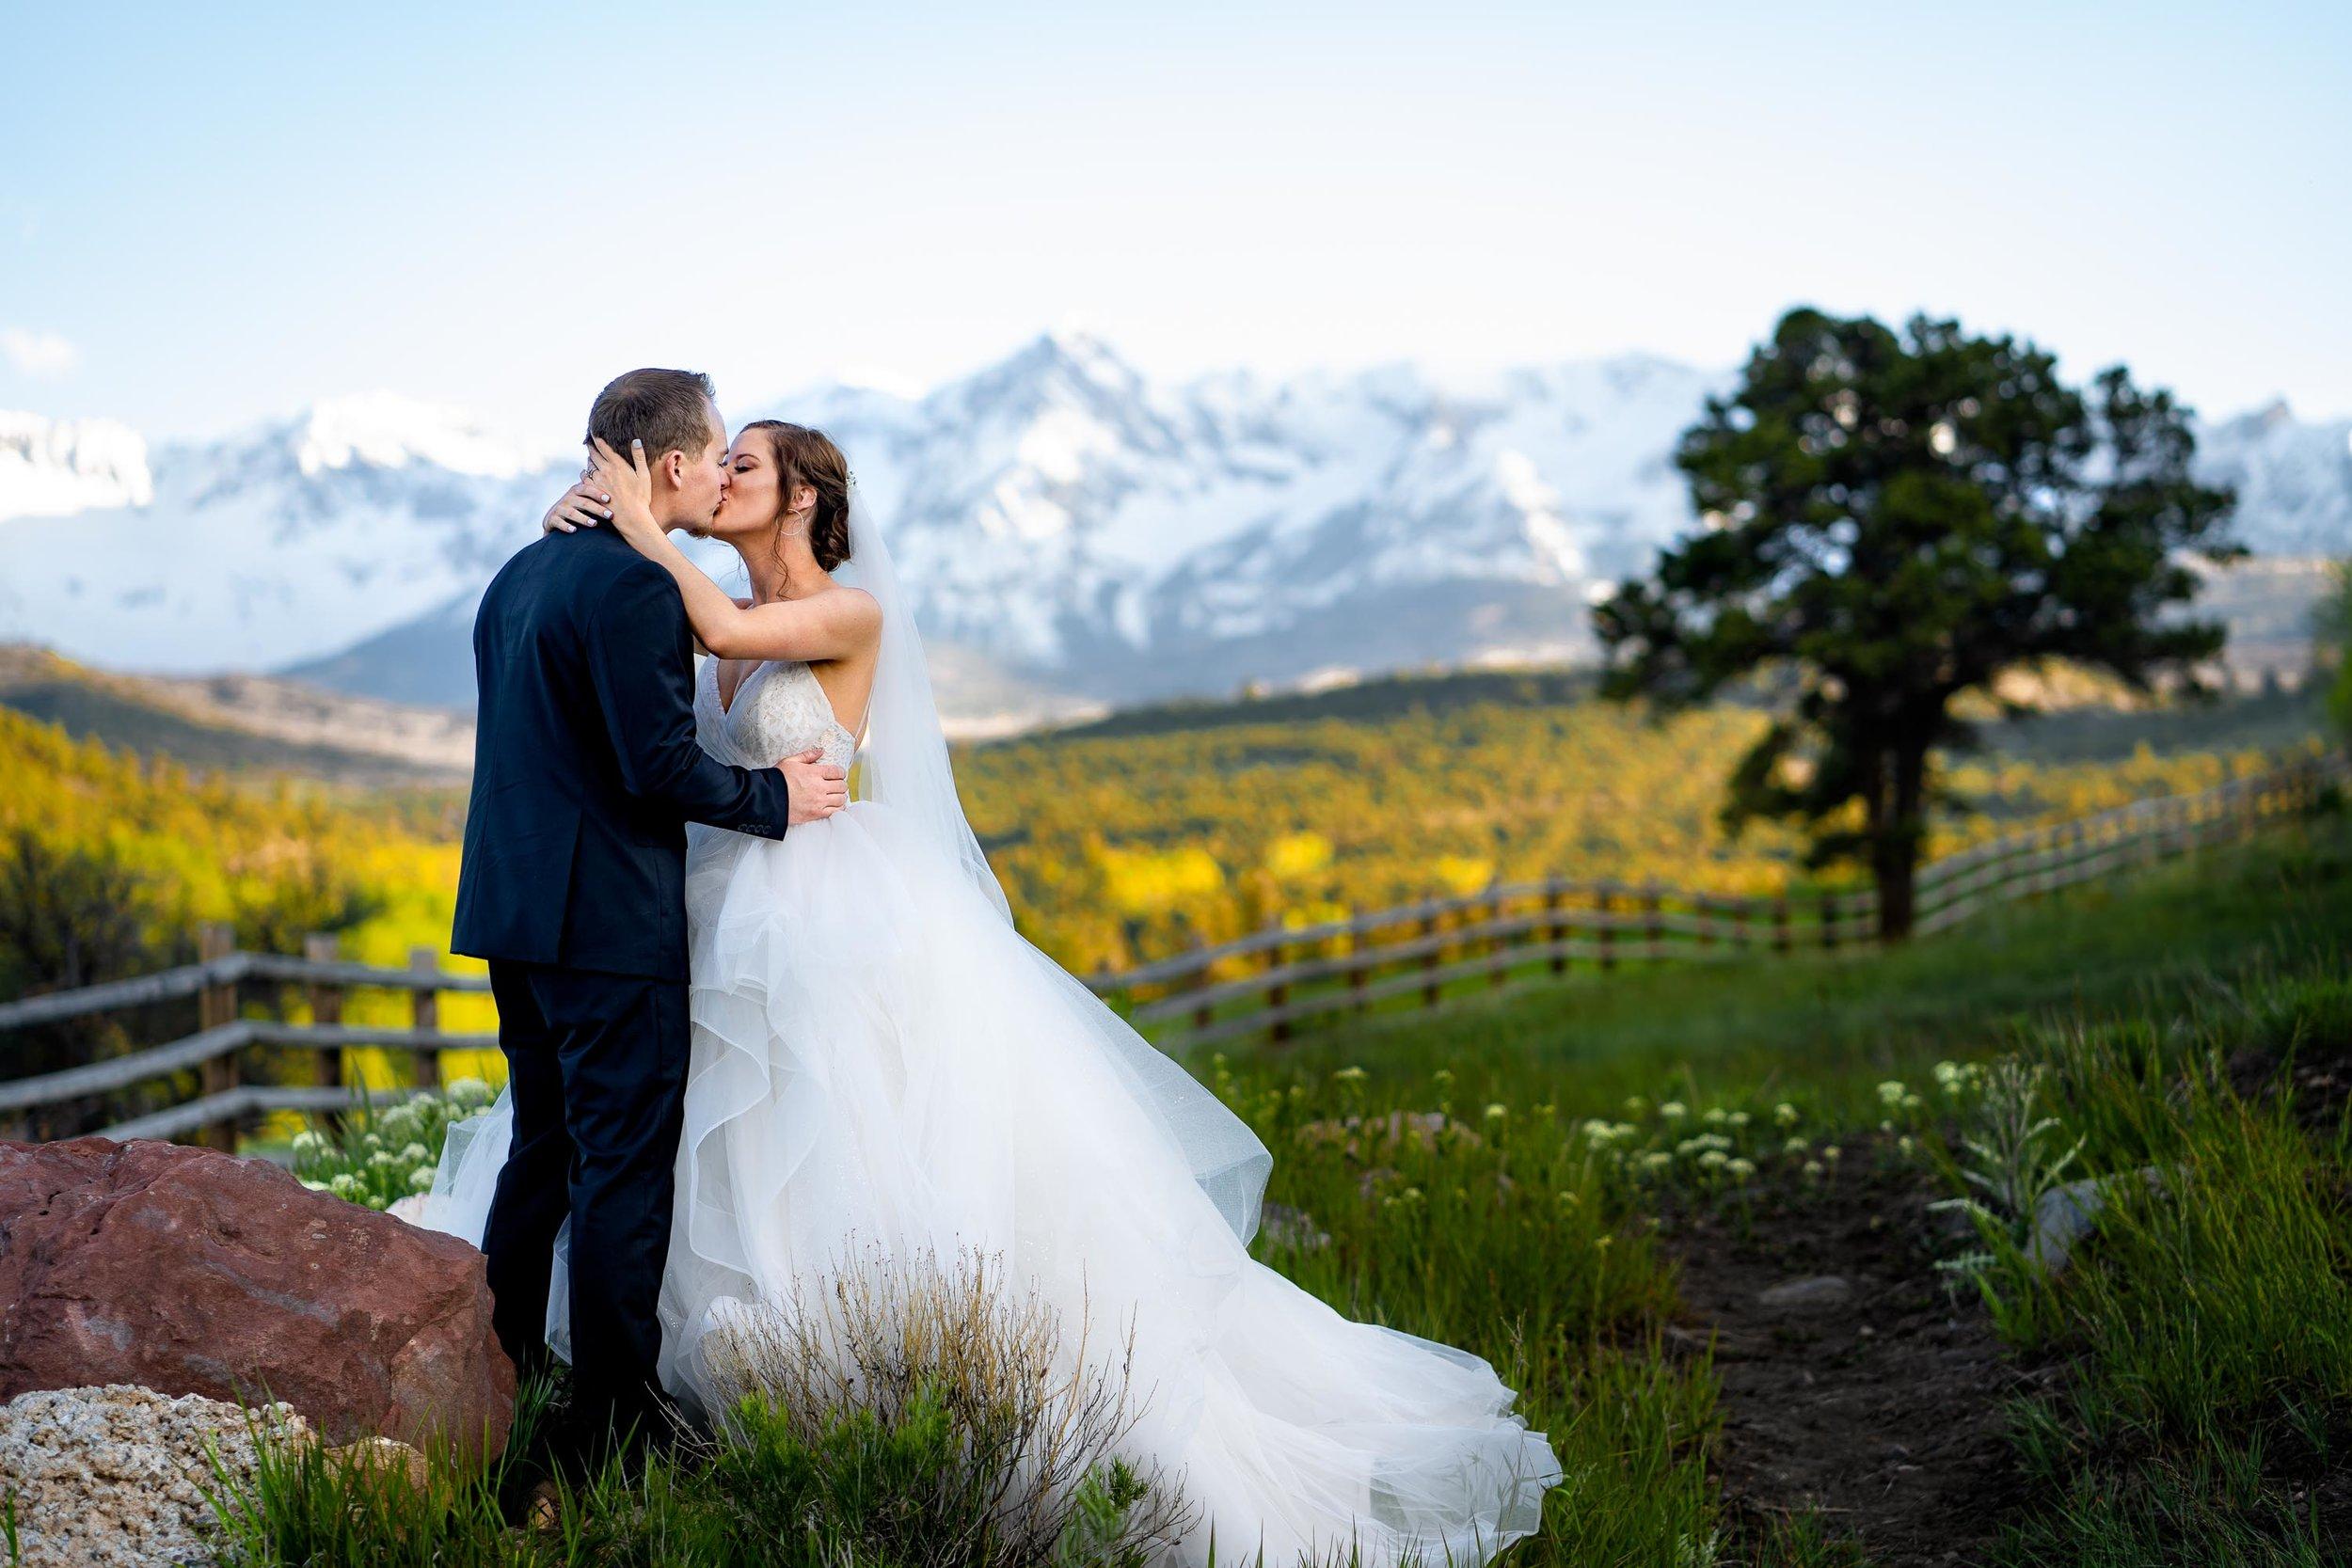 Kelsie_Nick_Ouray_Wedding-176.jpg